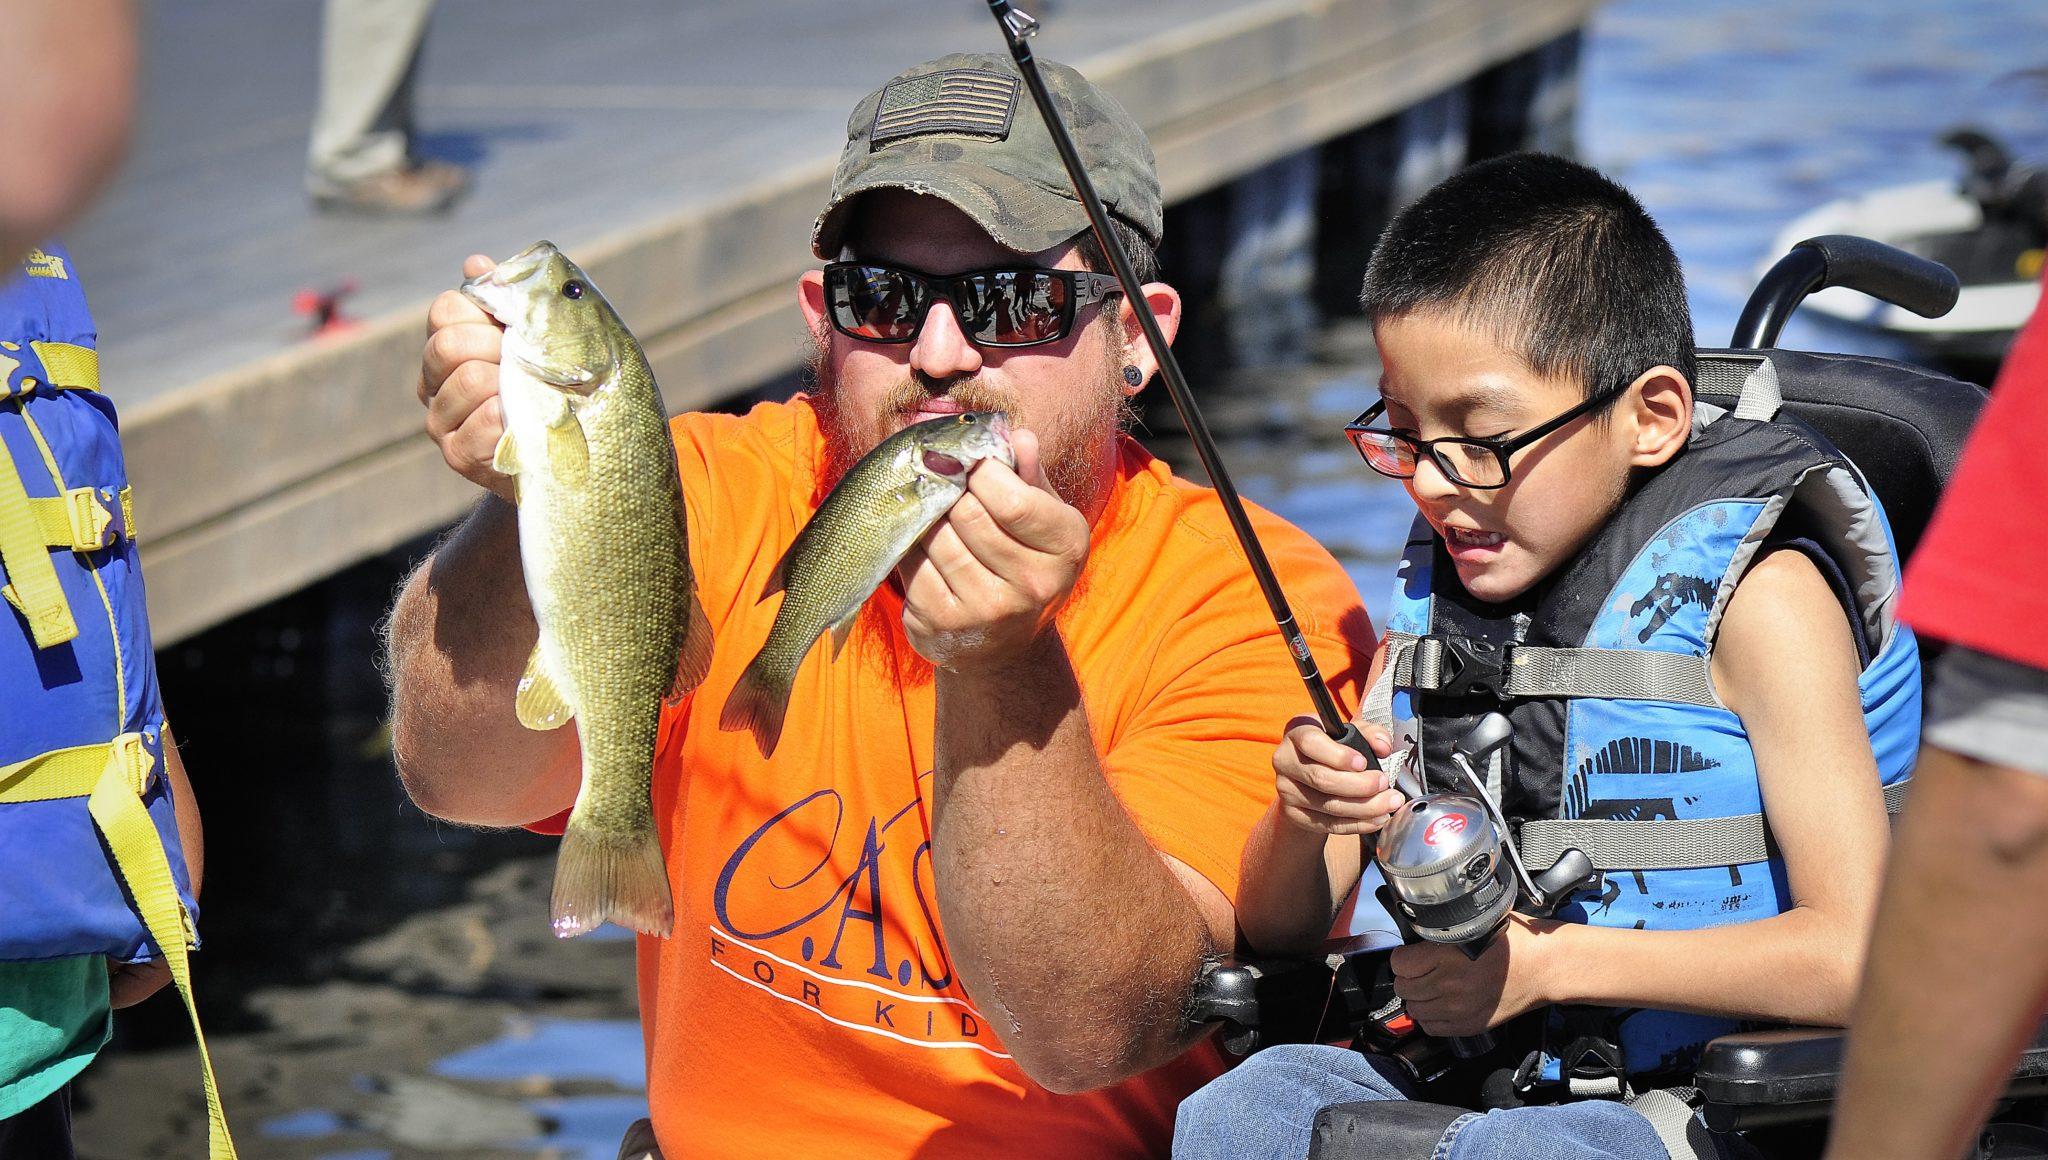 C.A.S.T. for Kids – Lake Powell (AZ)